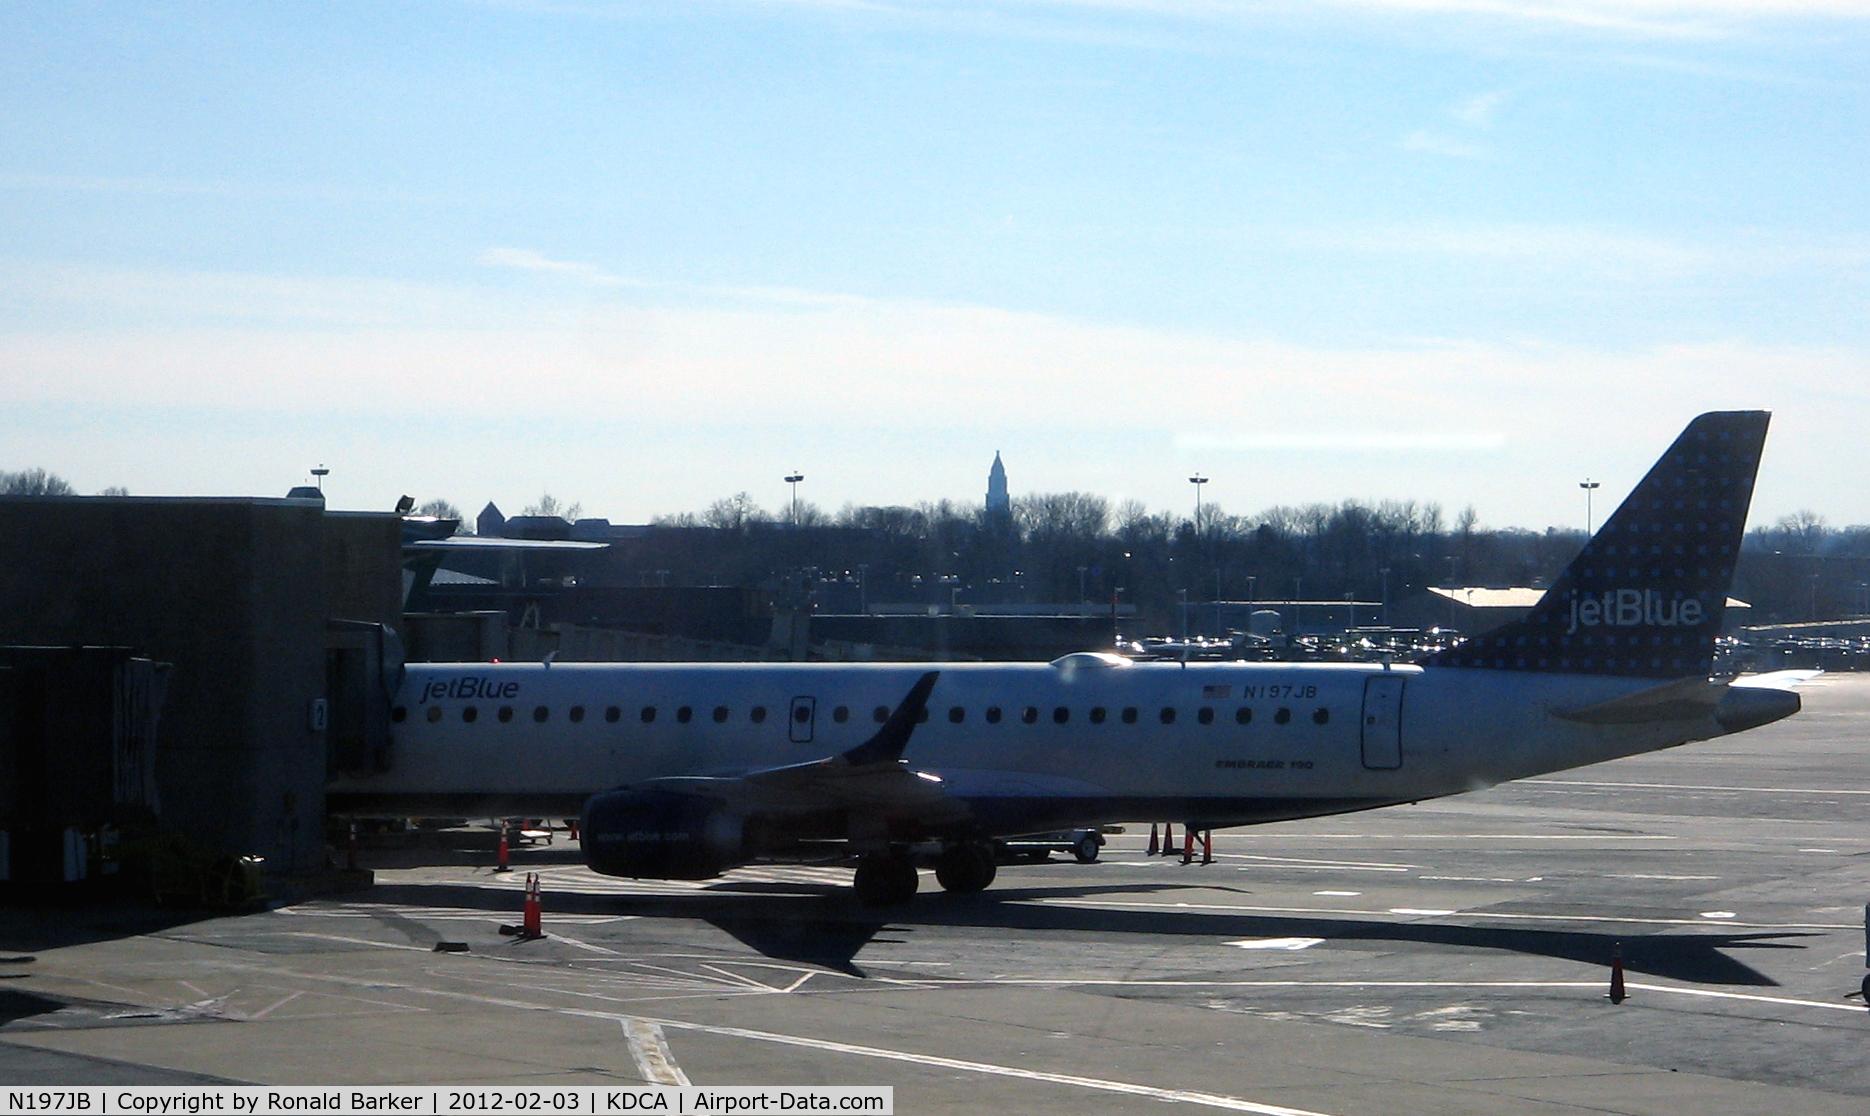 N197JB, 2006 Embraer ERJ-190-100 IGW 190AR C/N 19000020, DCA, VA